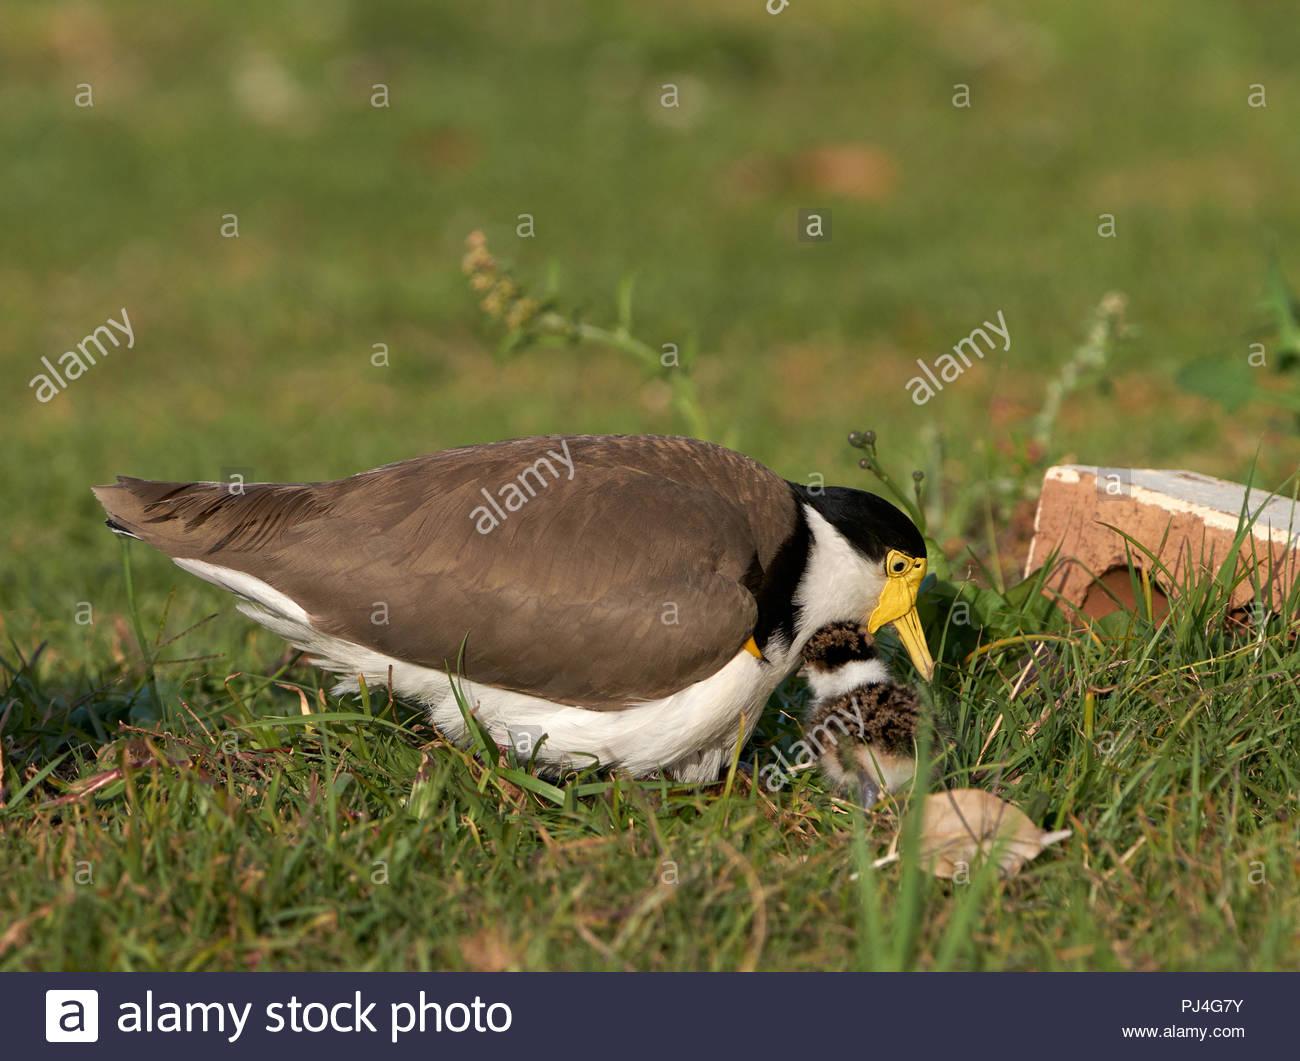 Un australiano Patinegro (Vanellus millas) - Masked Lapwing - sentado en su nido, con un polluelo recién eclosionadas emplazado junto; bajo el sol de la tarde. Imagen De Stock